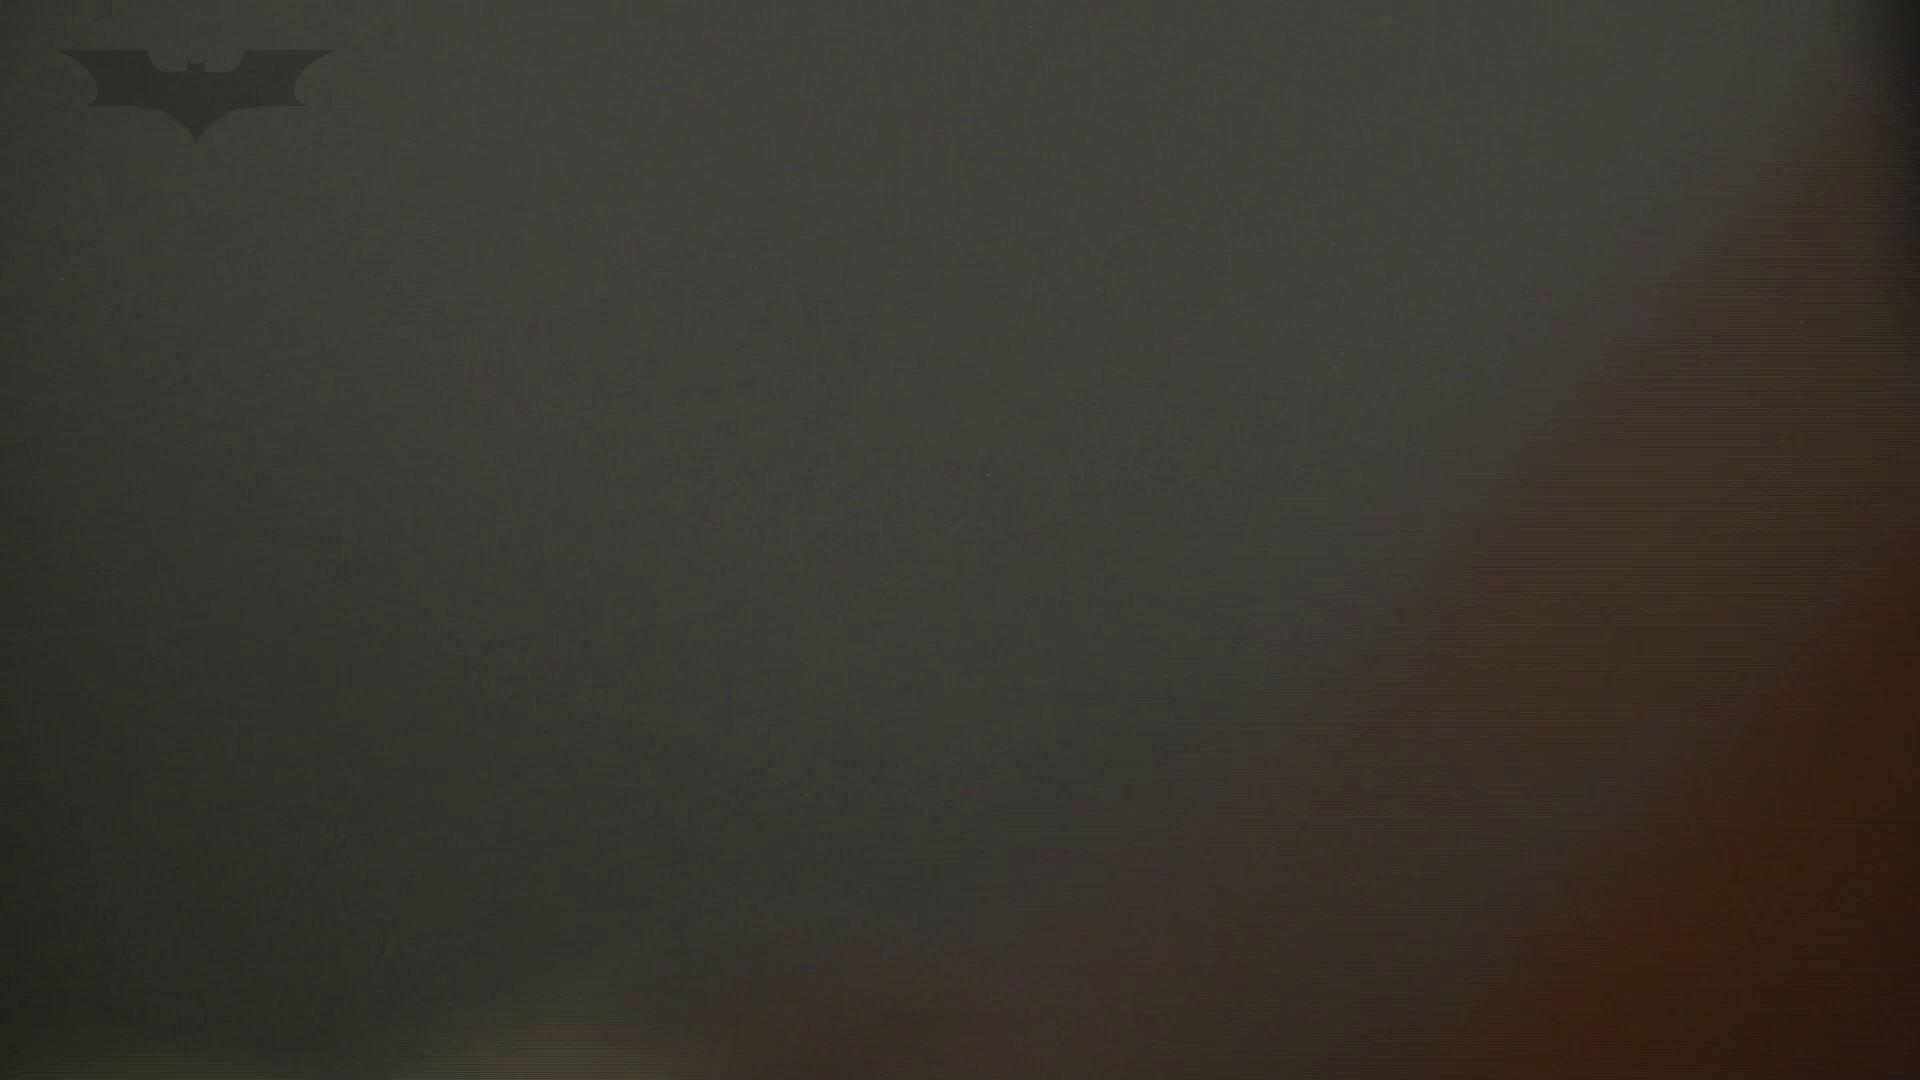 潜入!!台湾名門女学院 Vol.04 二ケツ同時撮り!! 高画質 オメコ動画キャプチャ 101枚 60